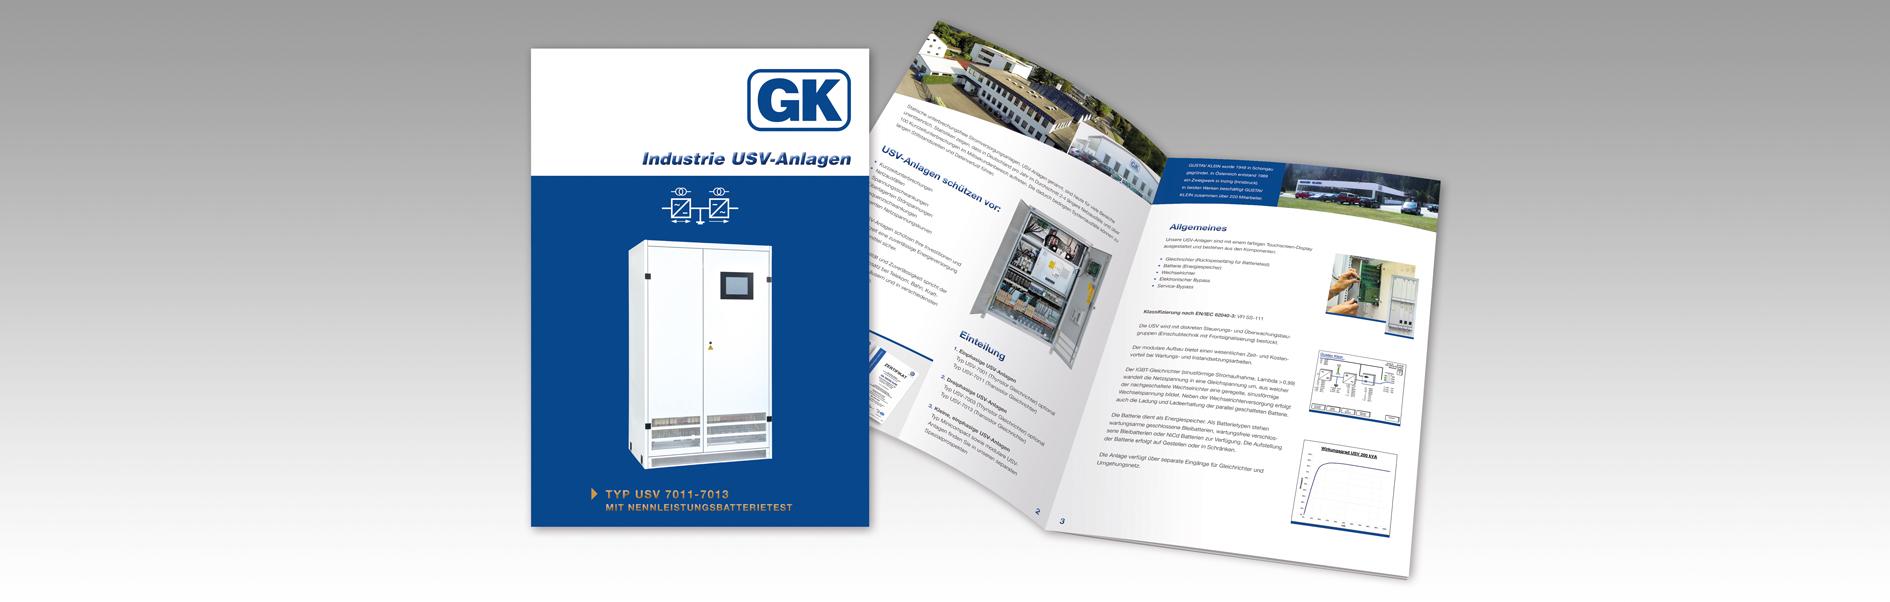 Hier ist die Gustav Klein Produktbroschüre Industrie USV-Anlagen abgebildet.